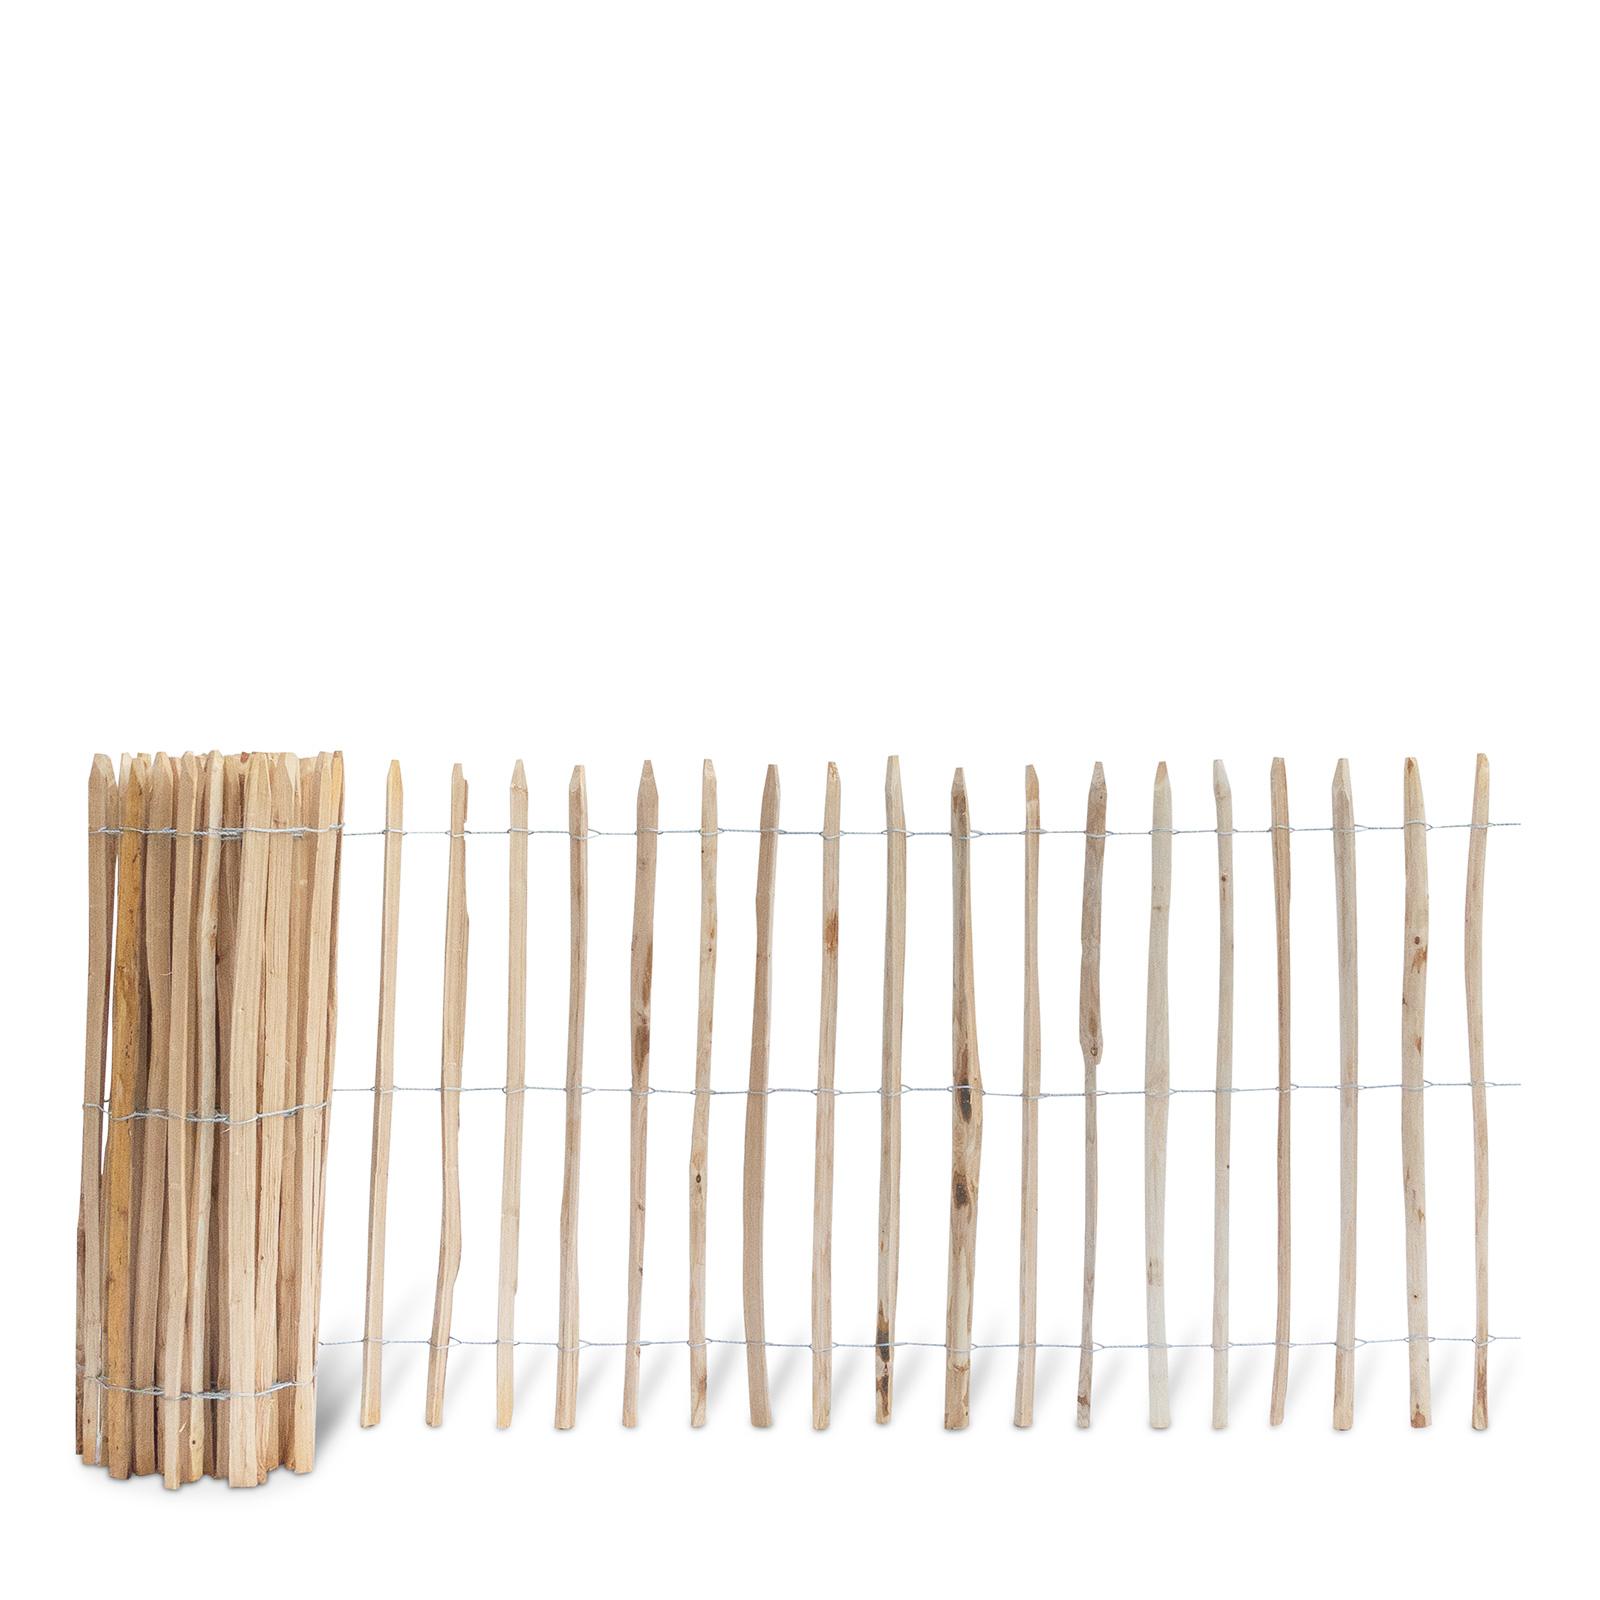 Französischer Staketenzaun aus Kastanienholz, 120 cm hoch mit einem Lattenabstand von 7-8 Zentimetern. Mit seinen angespitzten und verdrahteten Hölzern passt der schöne Zaun in jede Umgebung. Ganz ohne Pflege hält der natürliche Gartenzaun rund 20 Jahre.